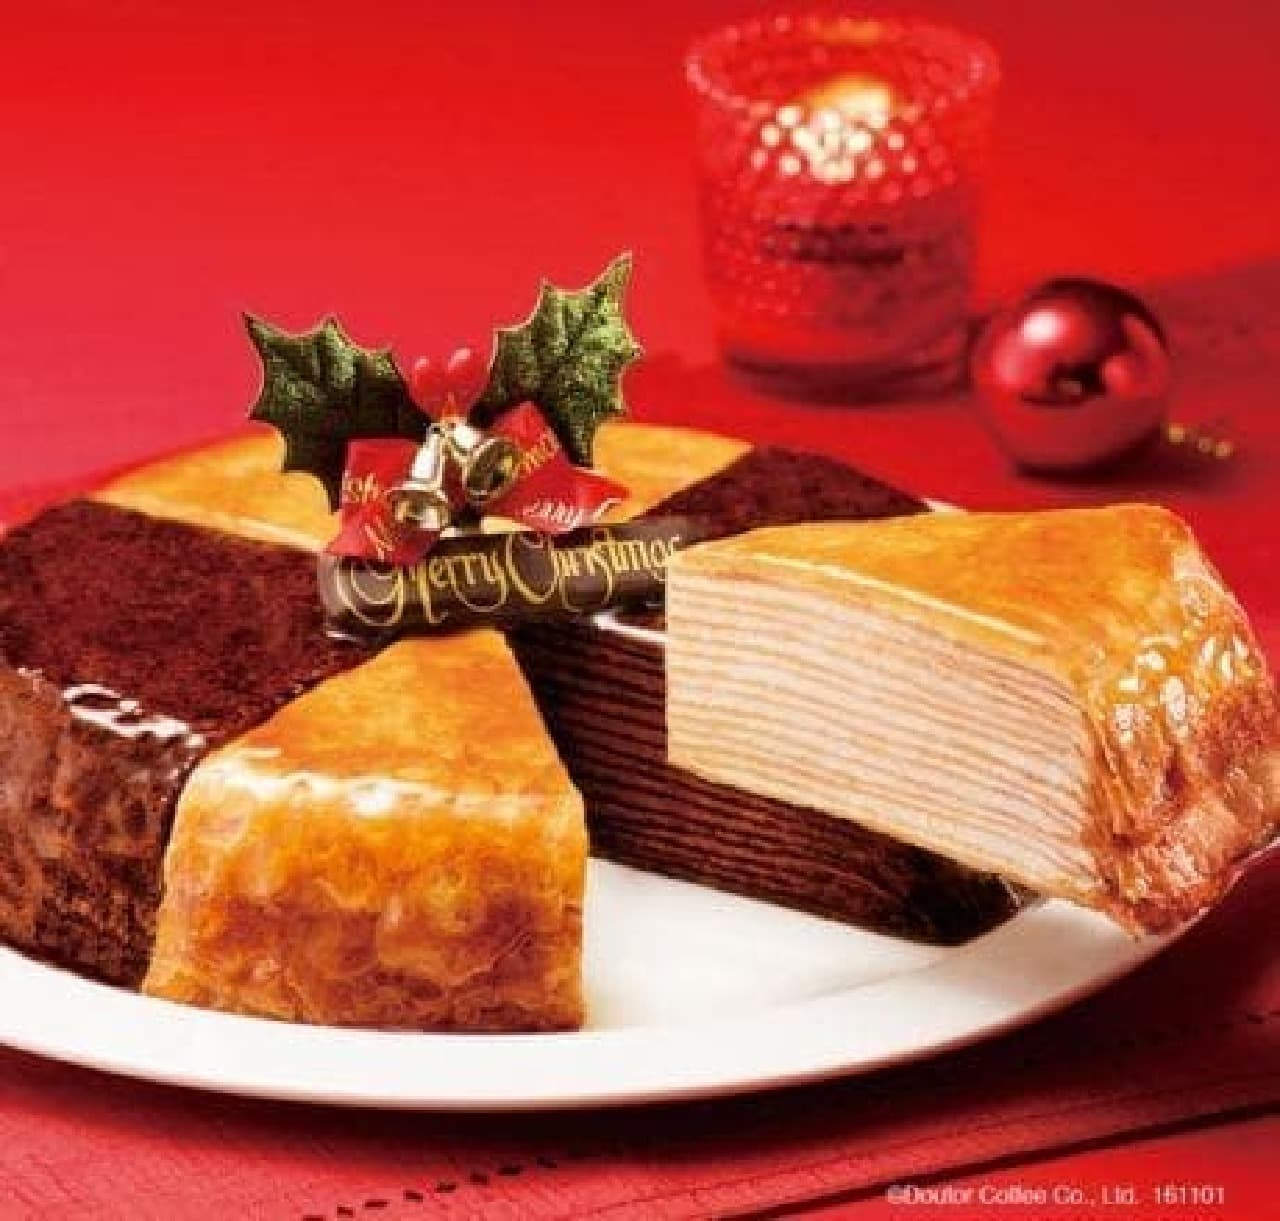 ドトールコーヒー「クリスマスミルクレープ」